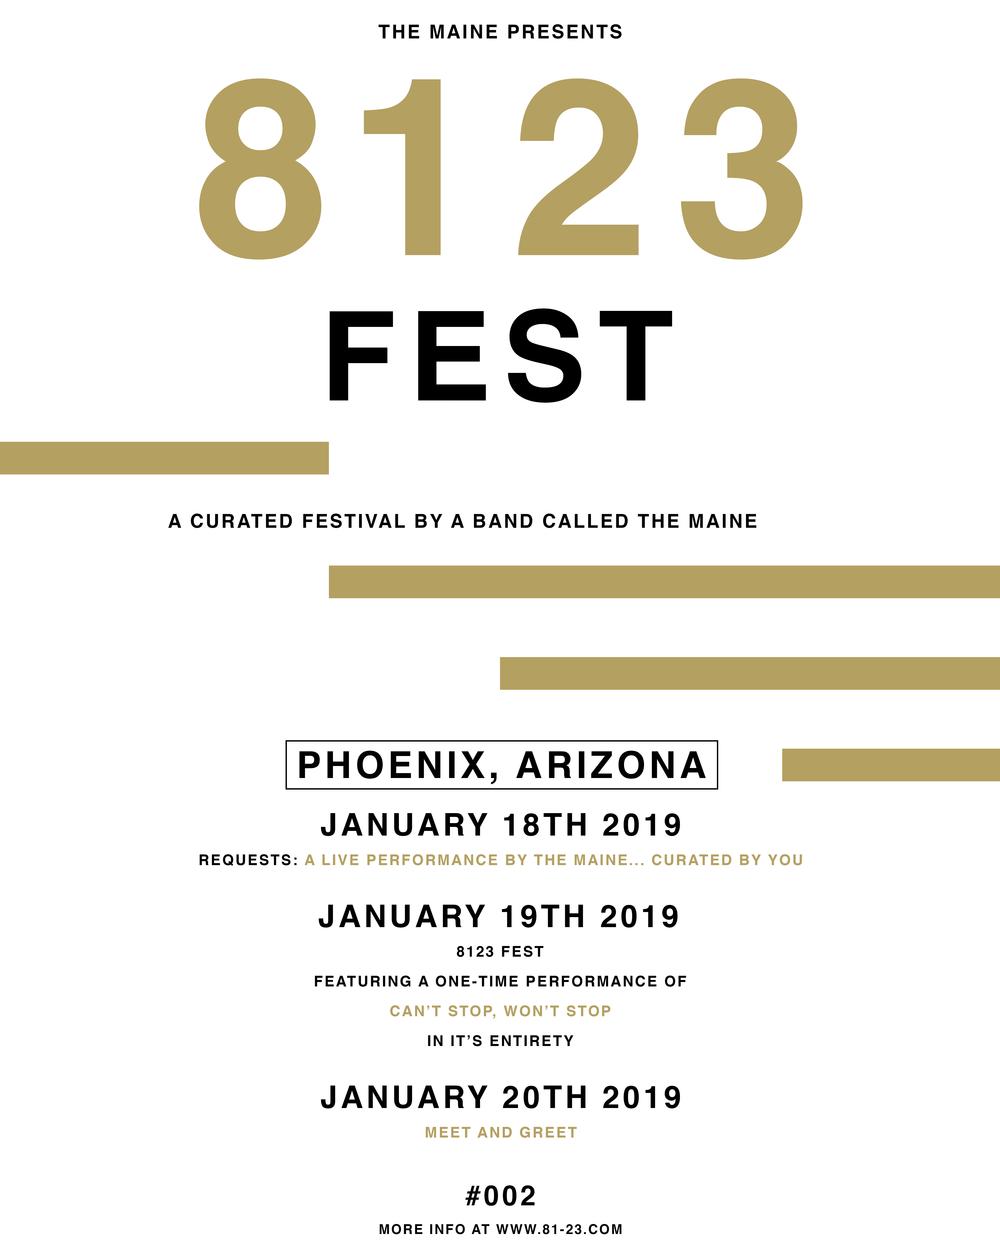 8123-Fest---Announce-1Admat-1.png